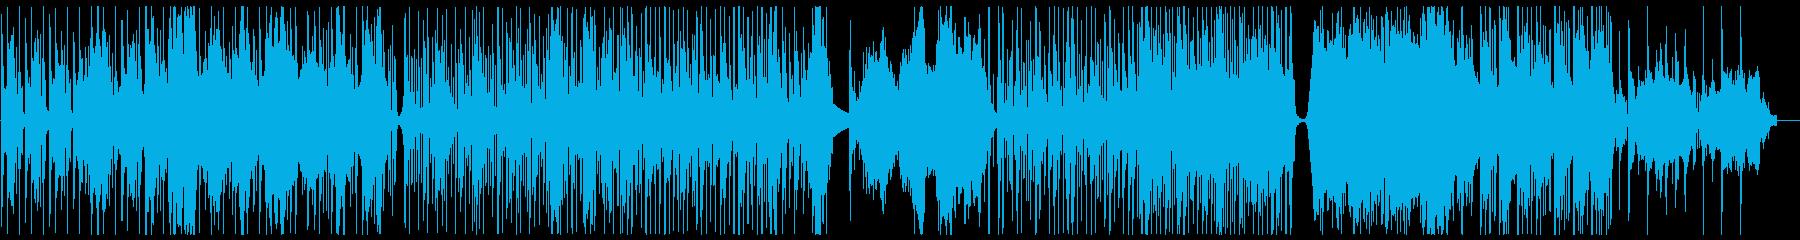 【生演奏】サイダーの泡を再現した弦楽器曲の再生済みの波形